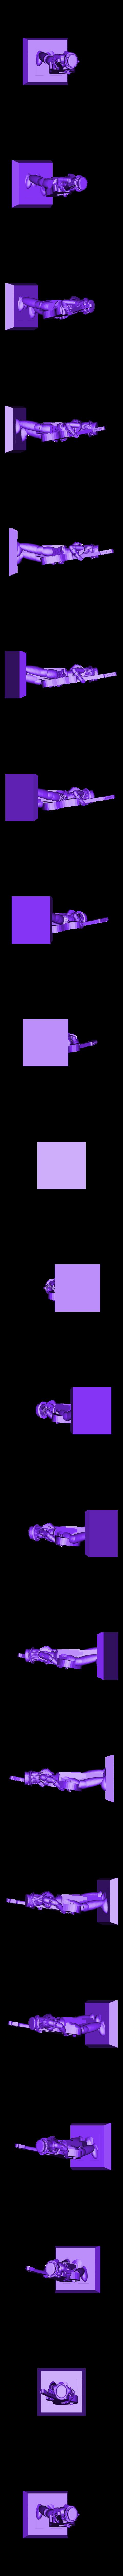 Bard_of_Rock.stl Télécharger fichier STL gratuit Le Barde de Rock • Design à imprimer en 3D, mrhers2